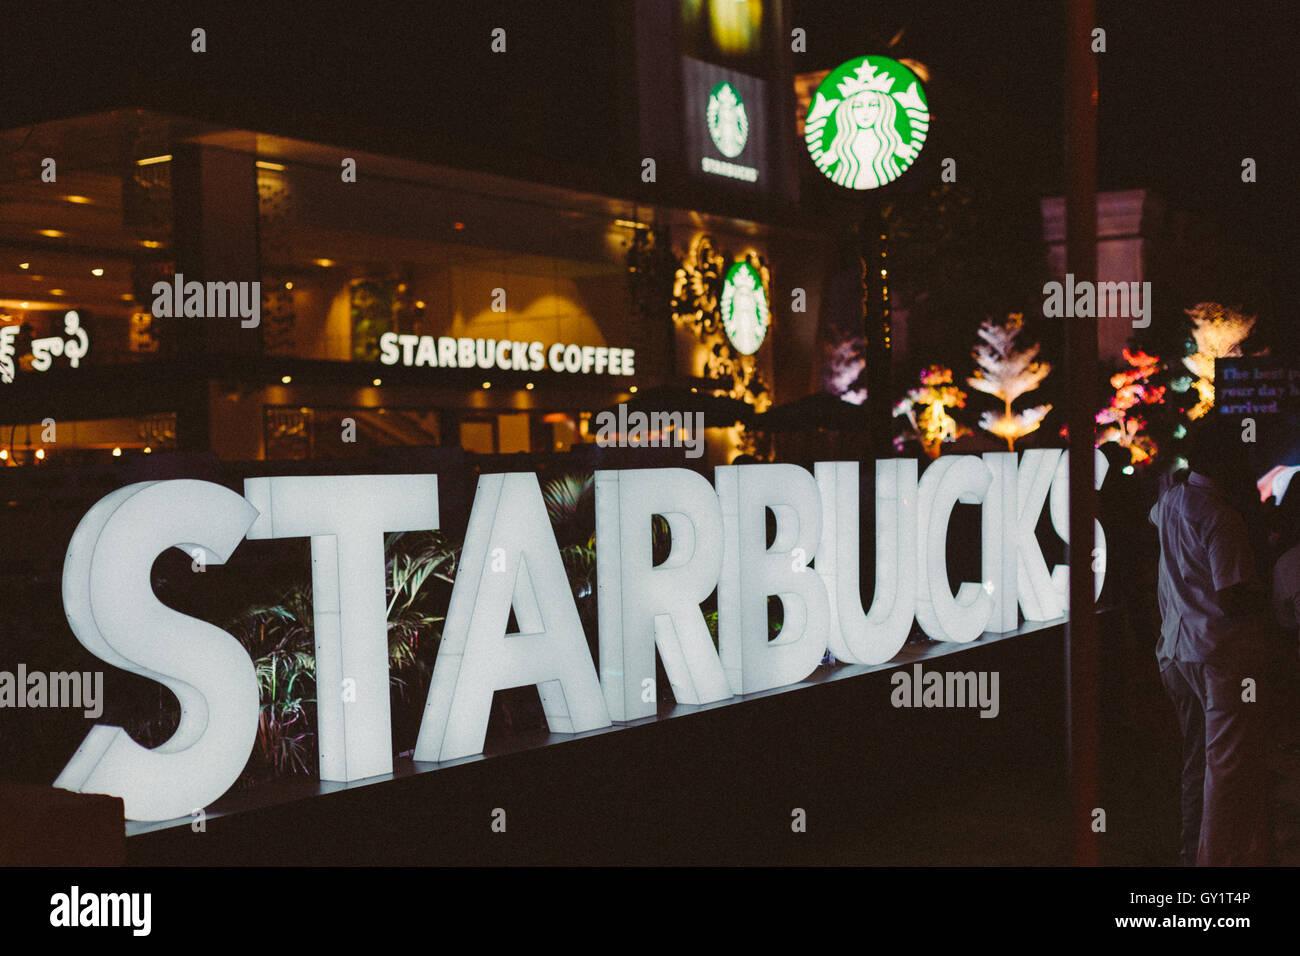 Starbucks India Hyderabad negozio il giorno del lancio Immagini Stock